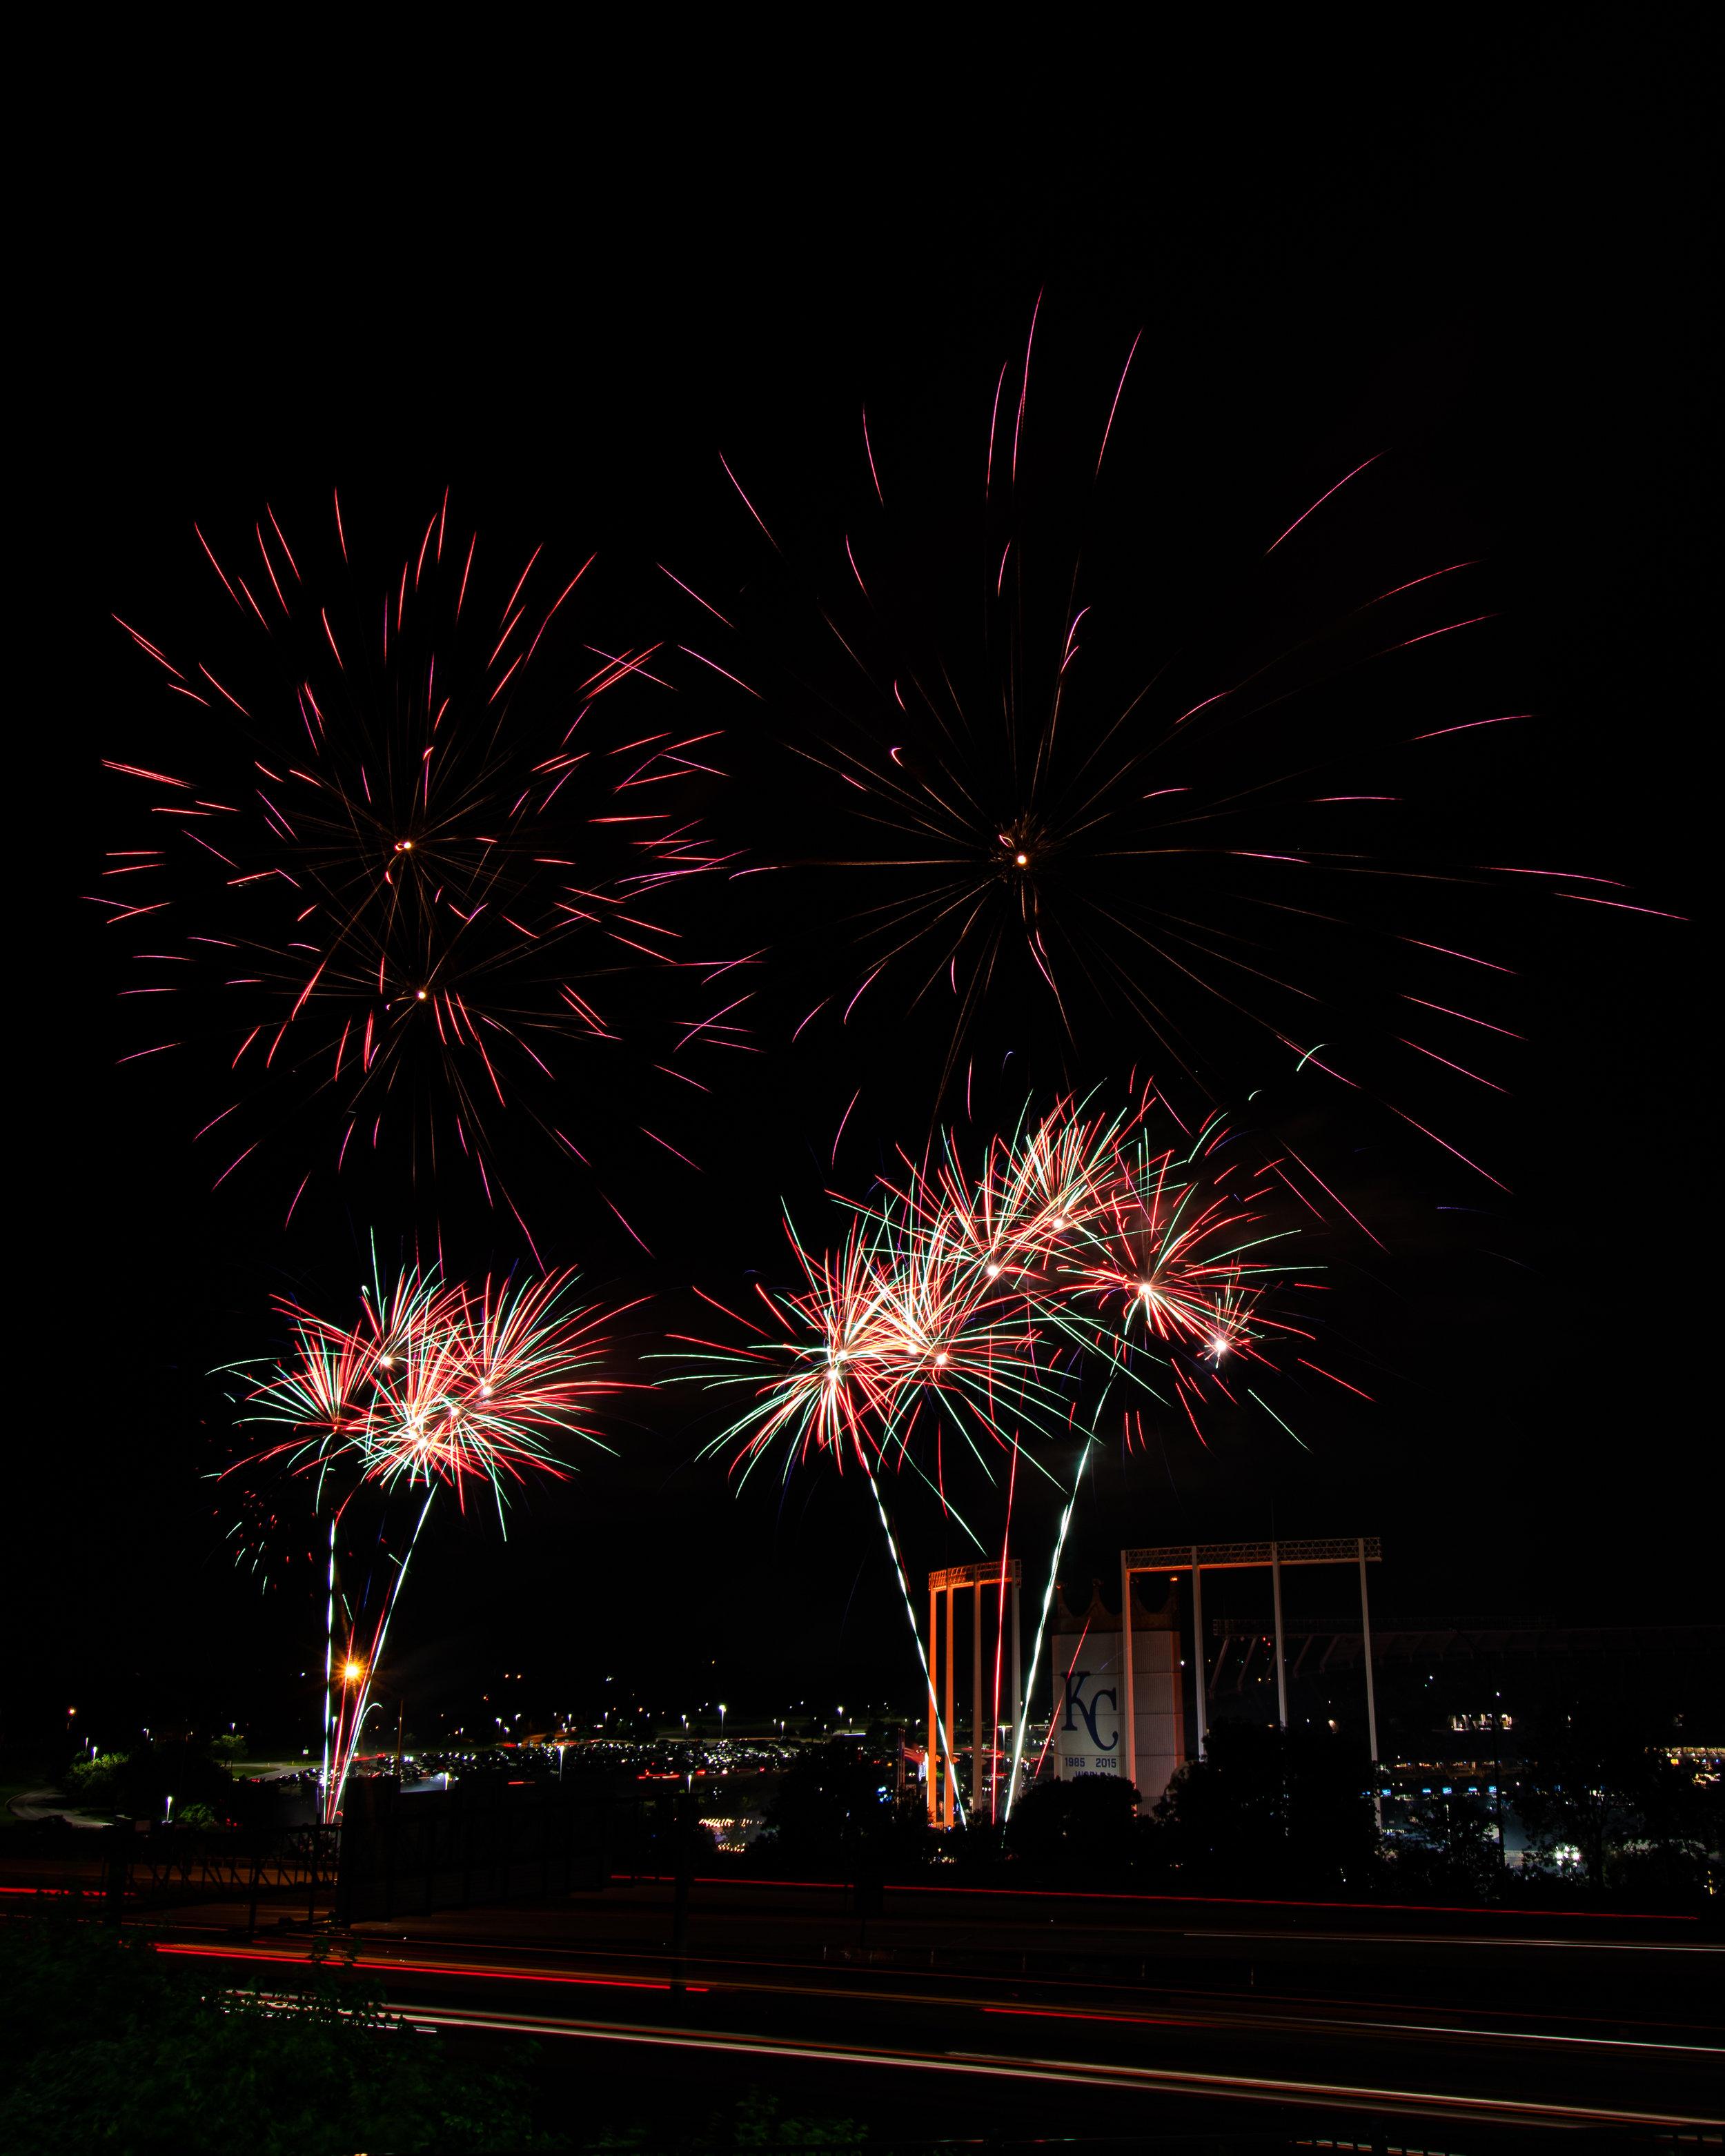 firework-friday-21-of-51_48108278026_o.jpg